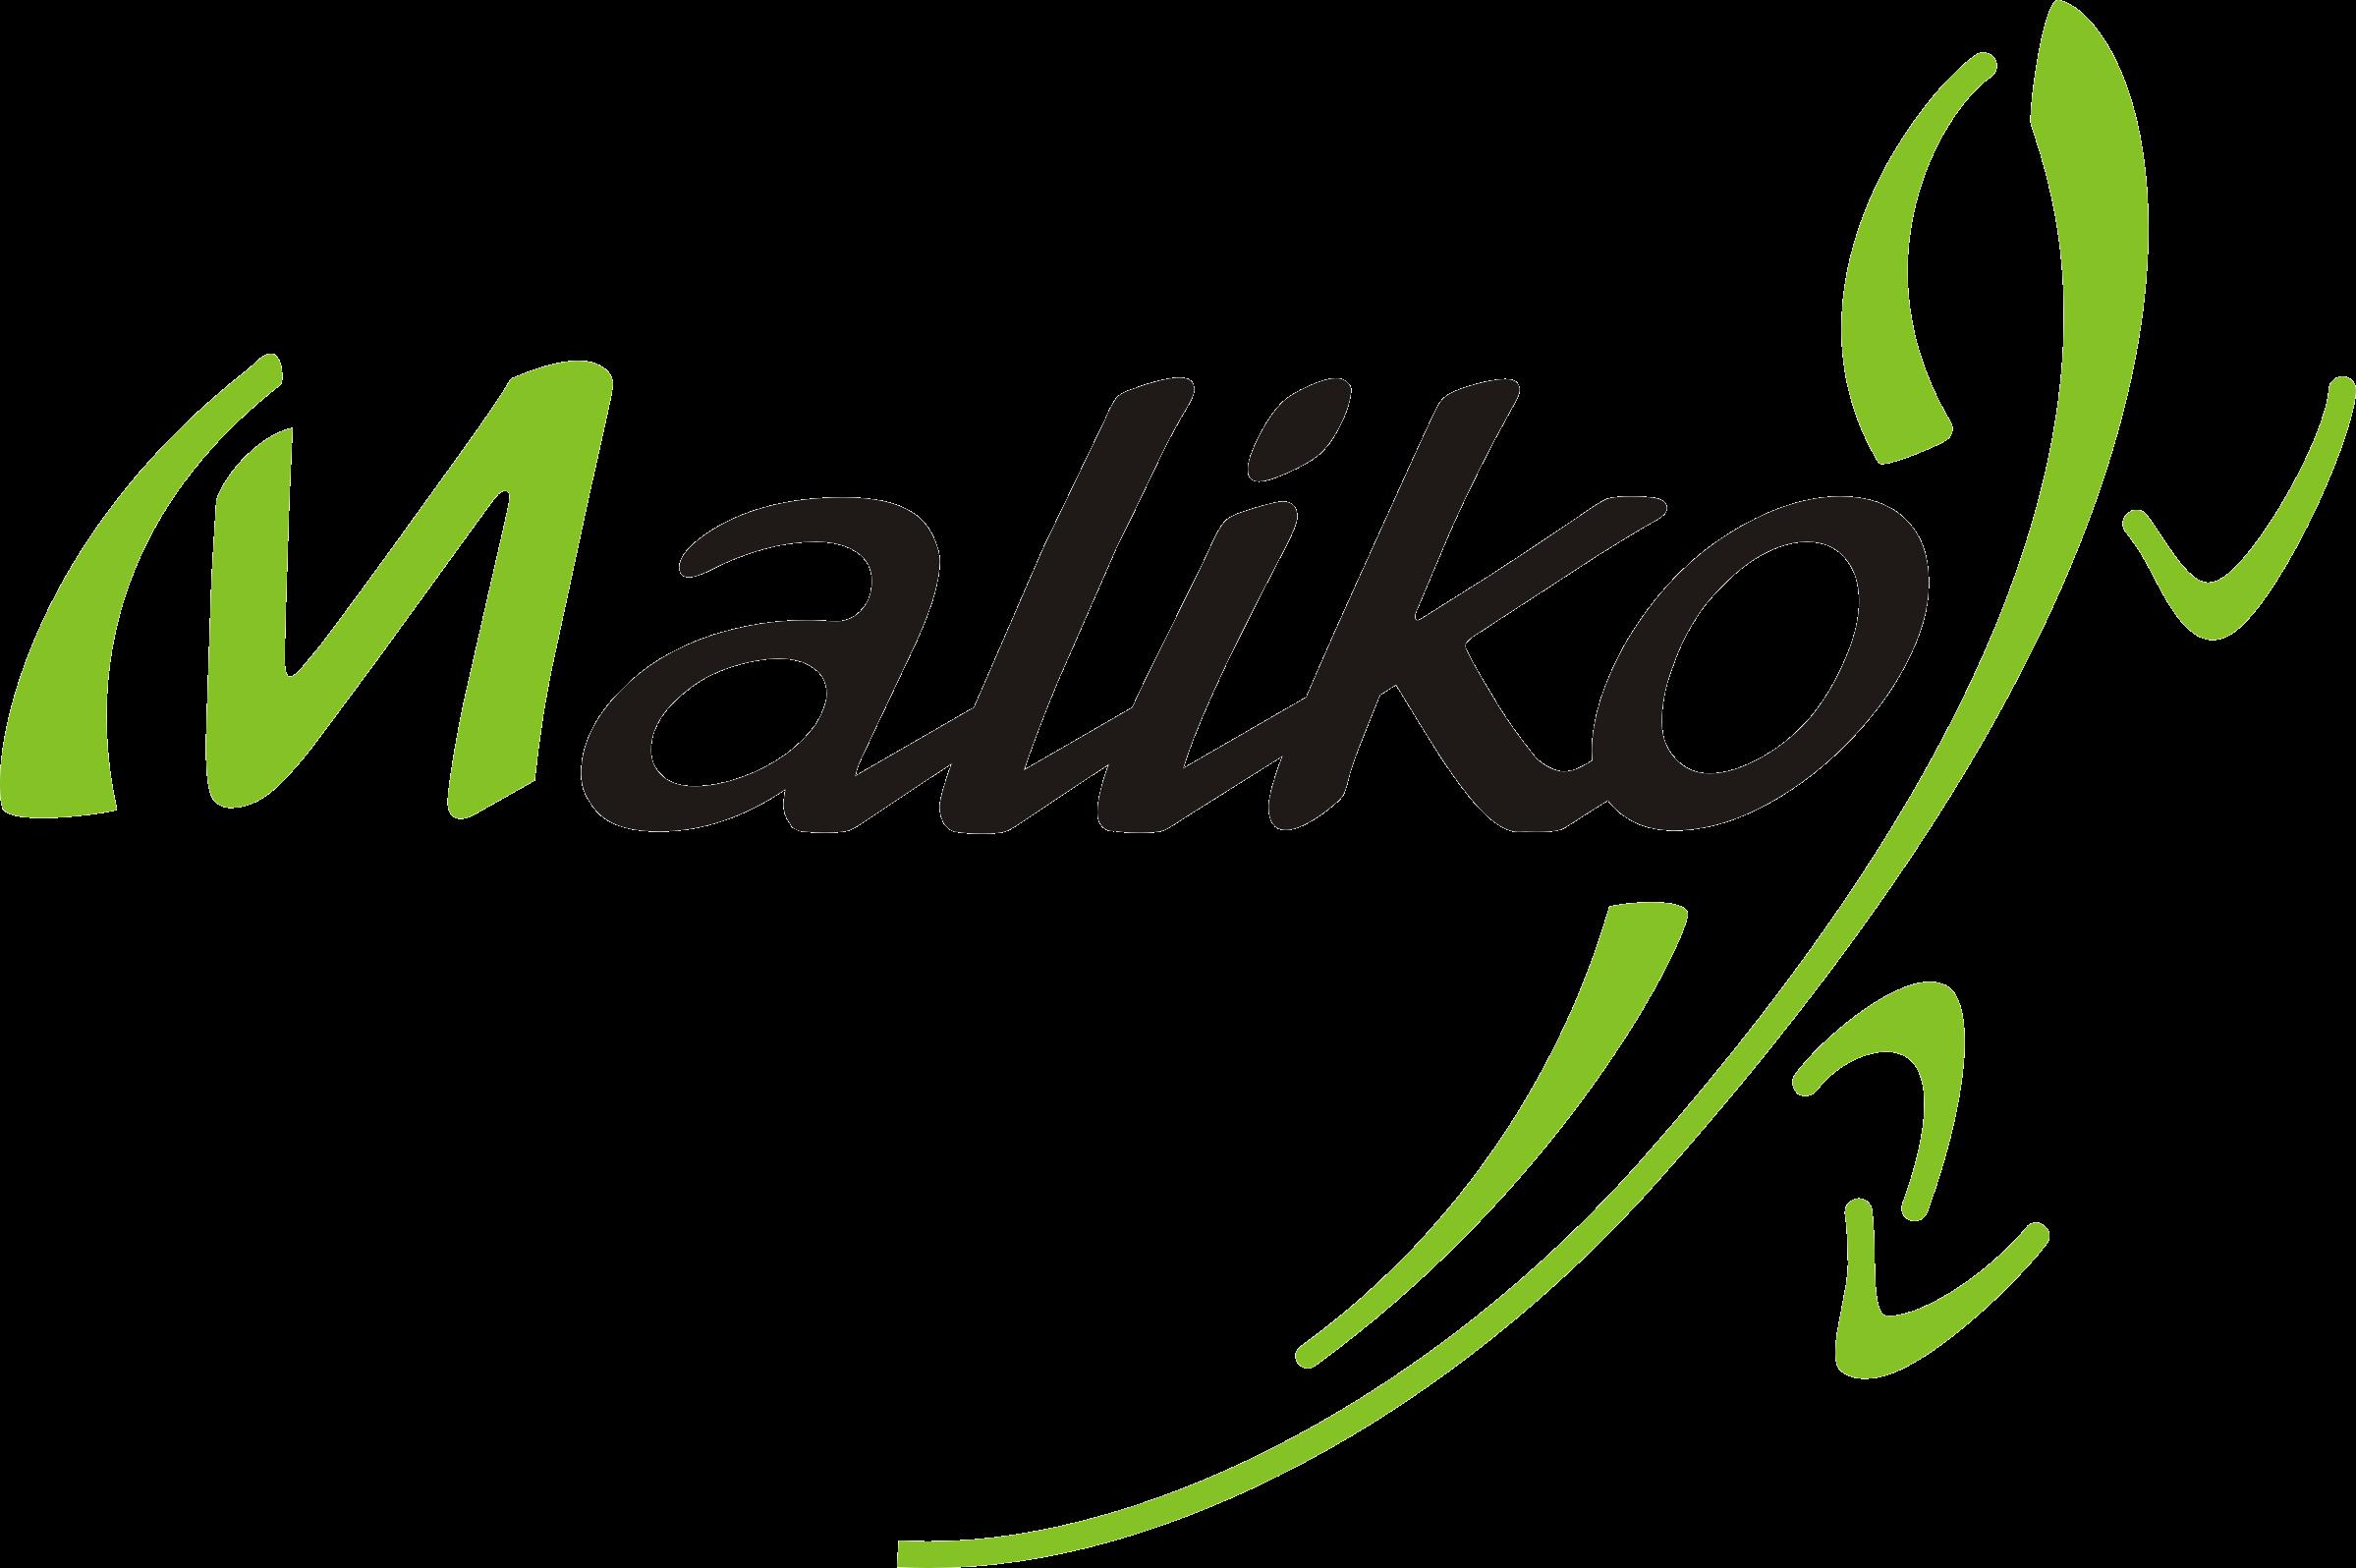 Maliko